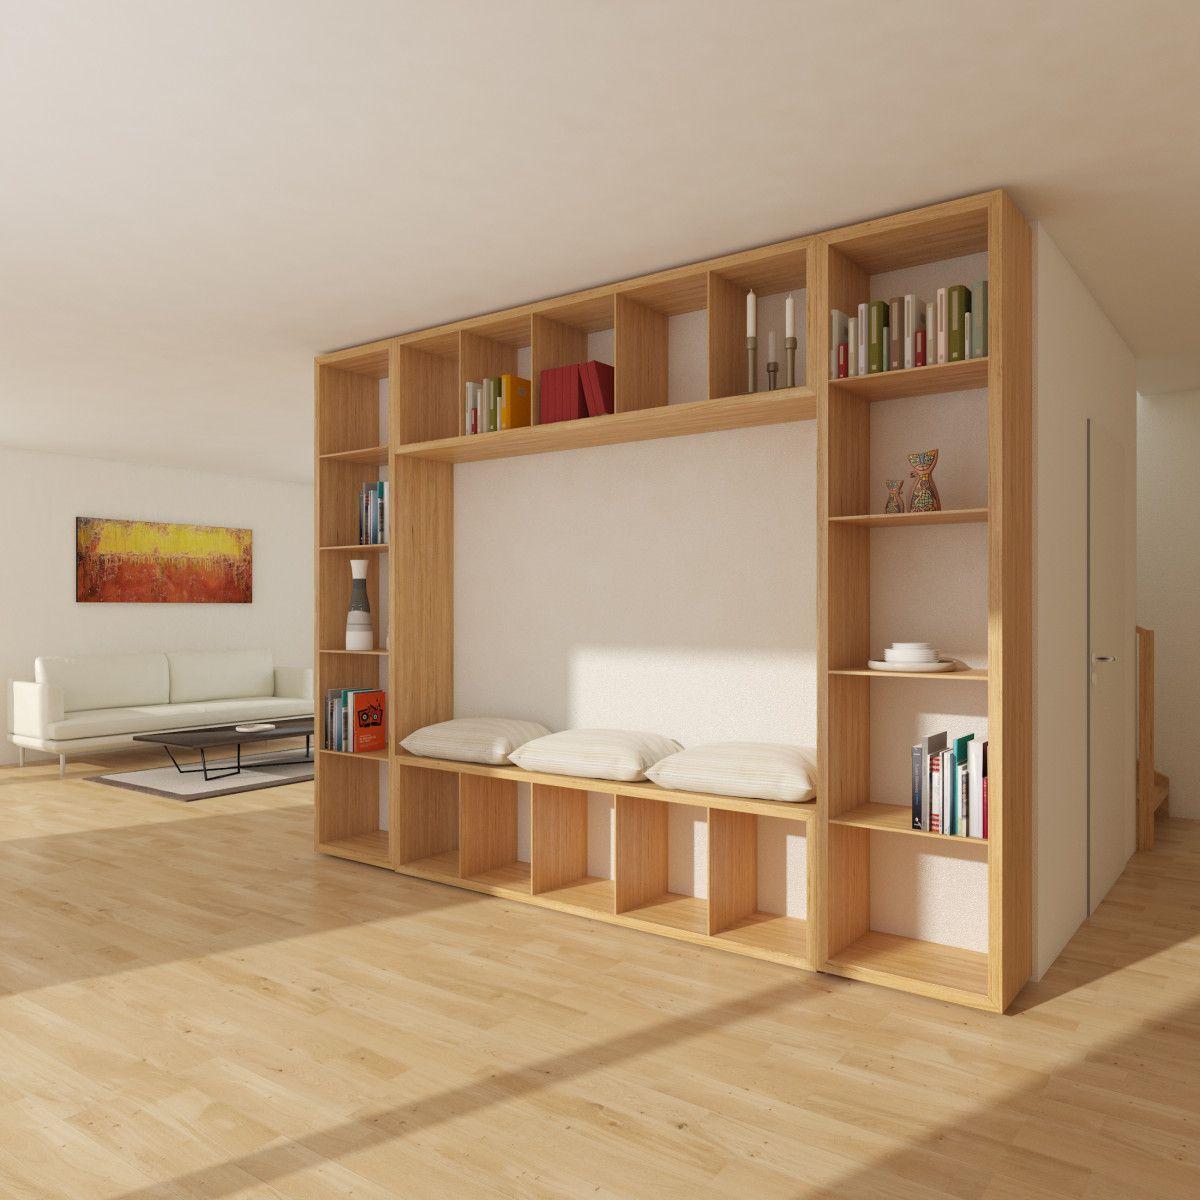 Wohnzimmer Bücherregal Diy